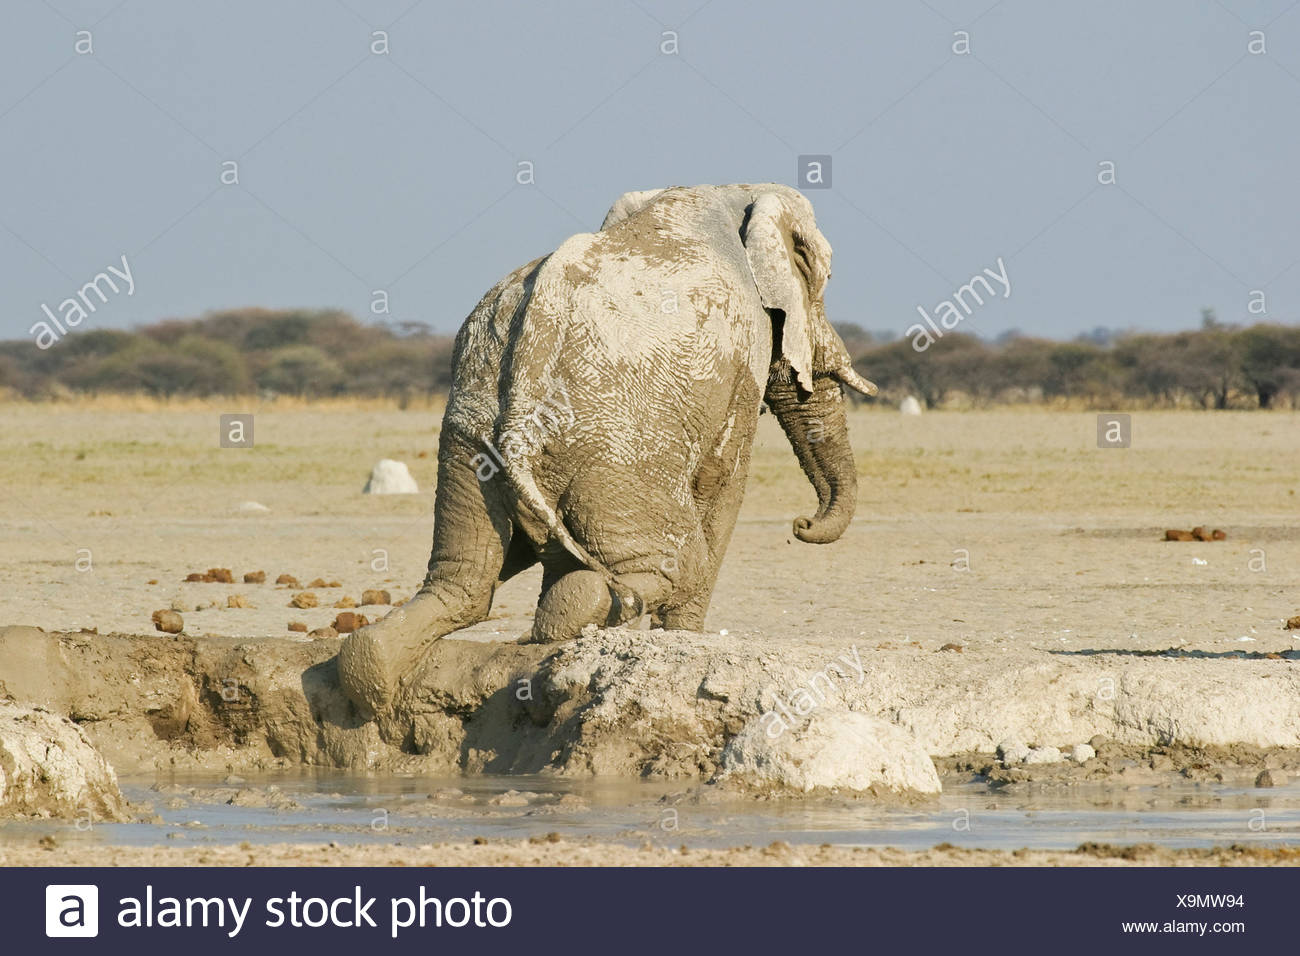 African Elephant (Loxodonta africana) after a mud bath, Nxai Pan, Makgadikgadi Pans National Park, Botswana, Africa Stock Photo